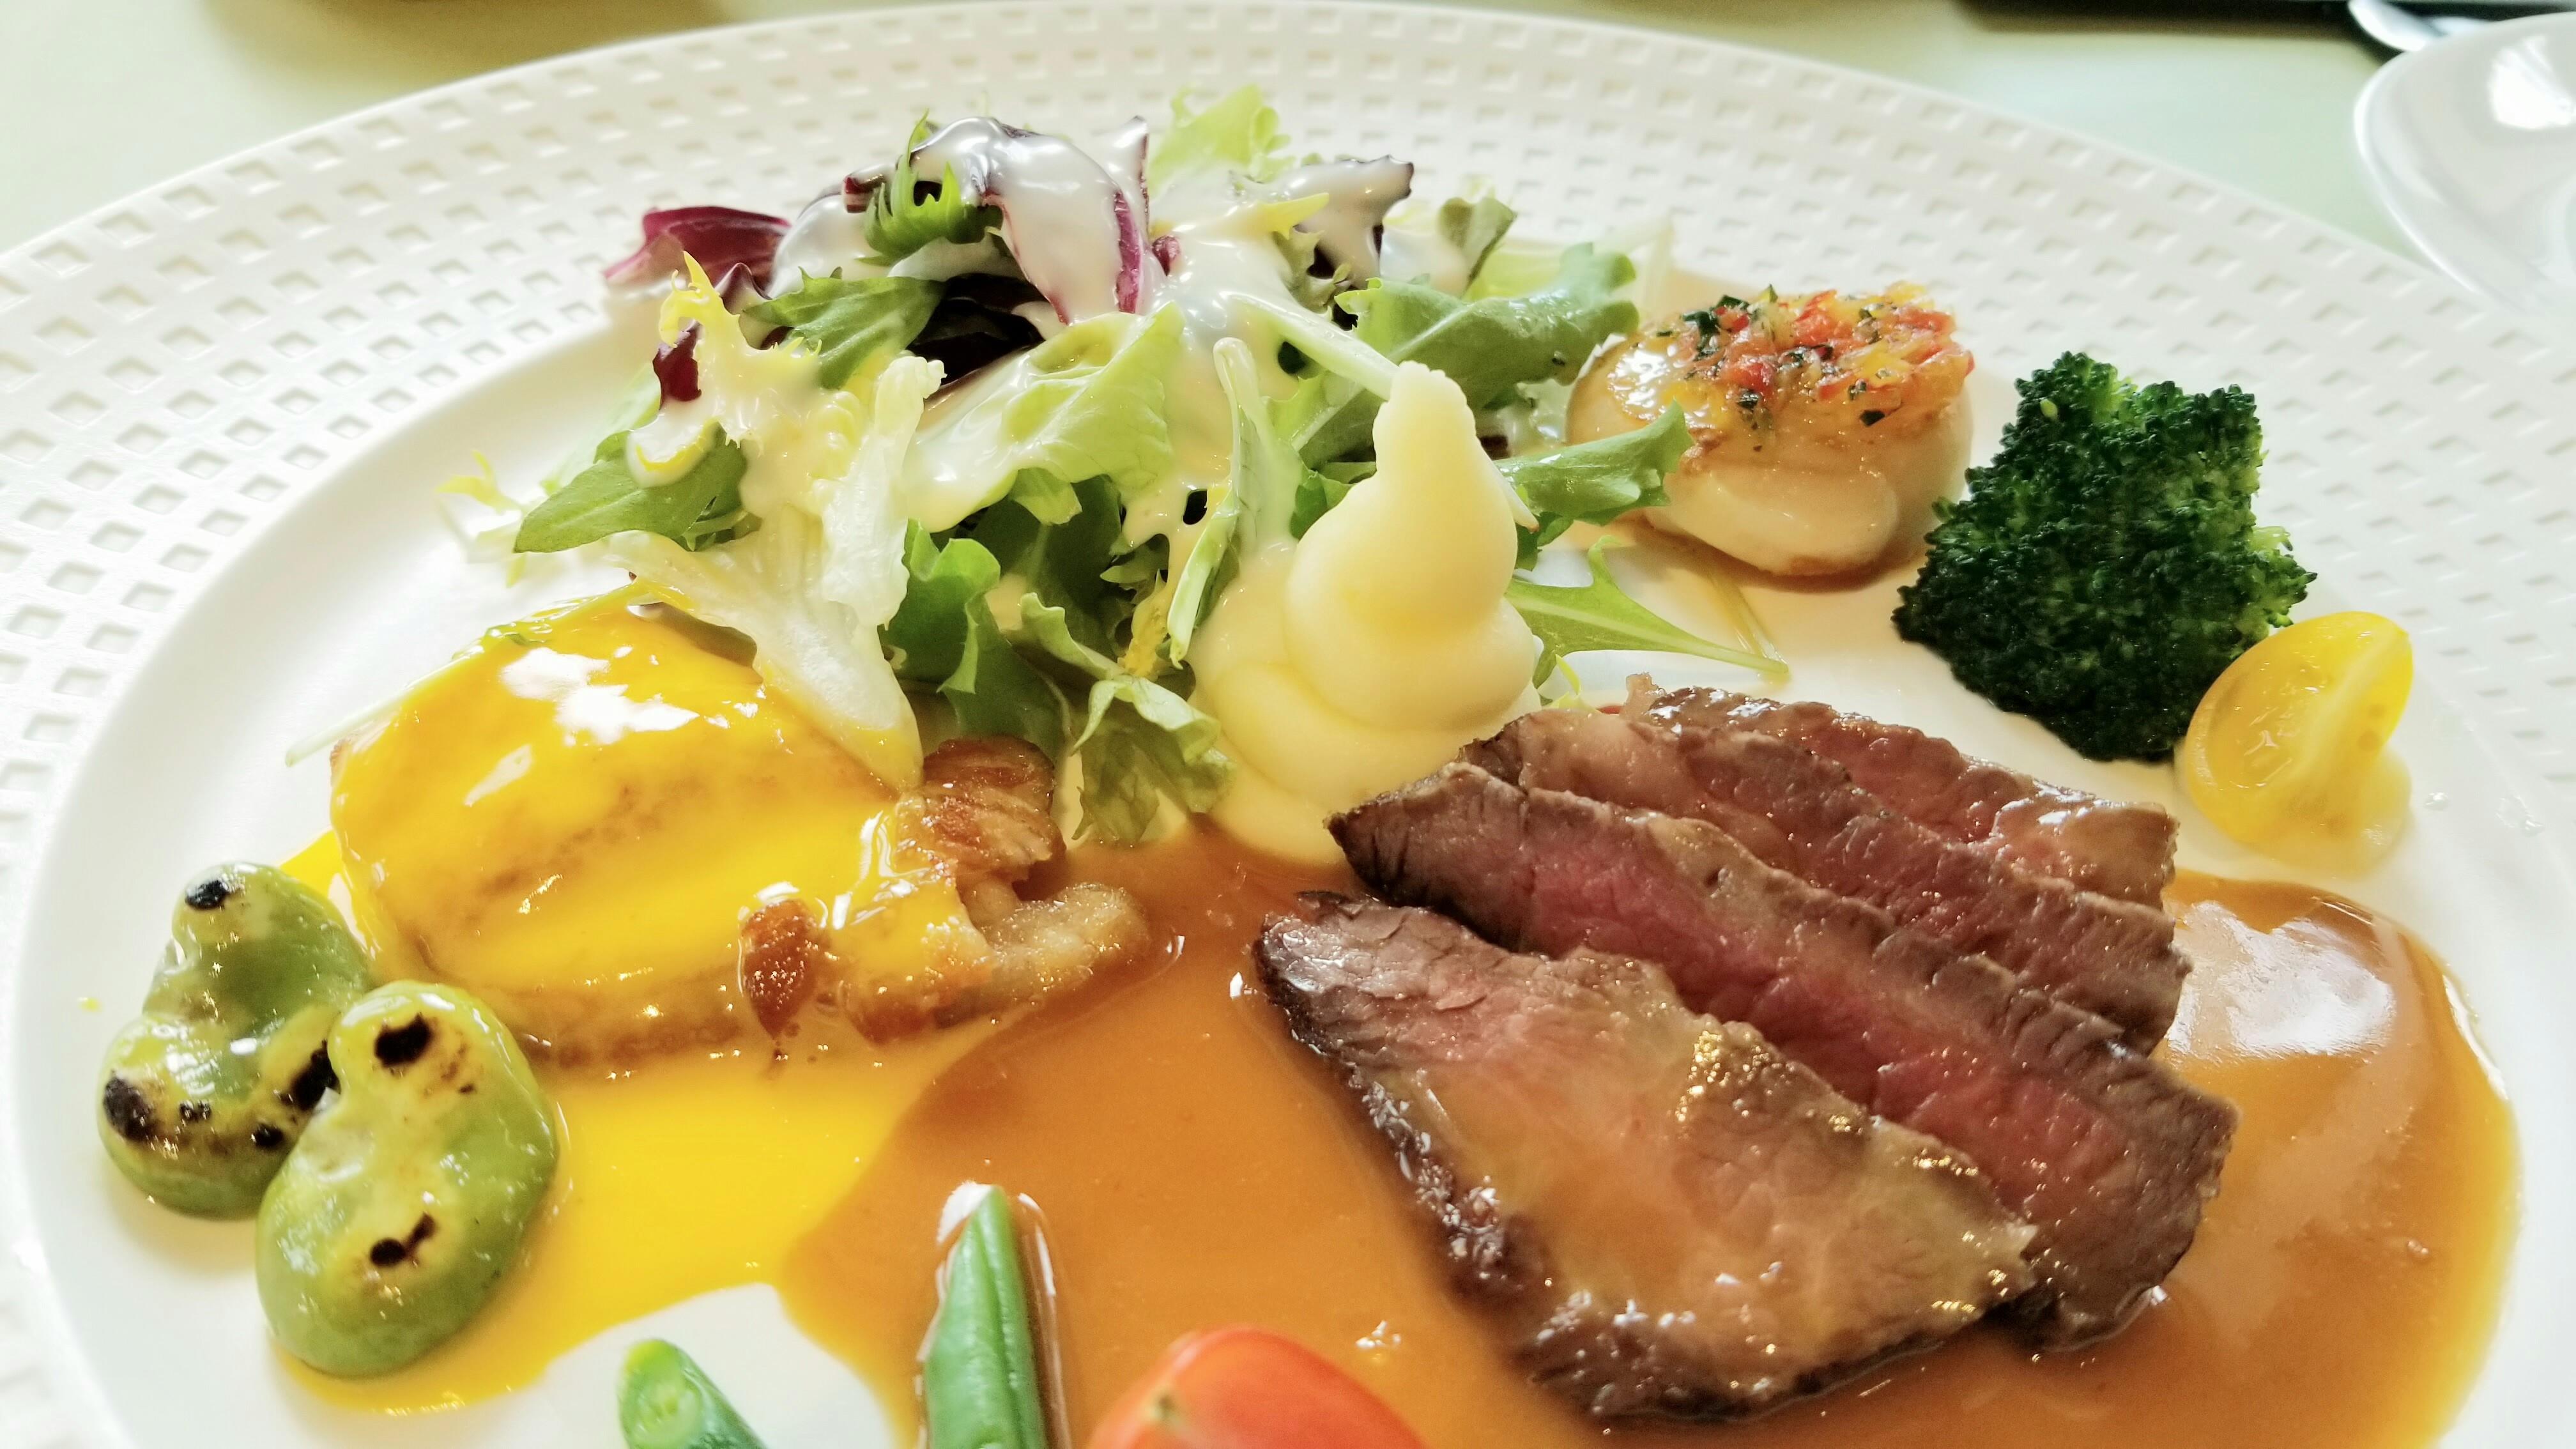 愛媛県松山市フランス料理おいしいコスパ良い横濱おすすめランチ